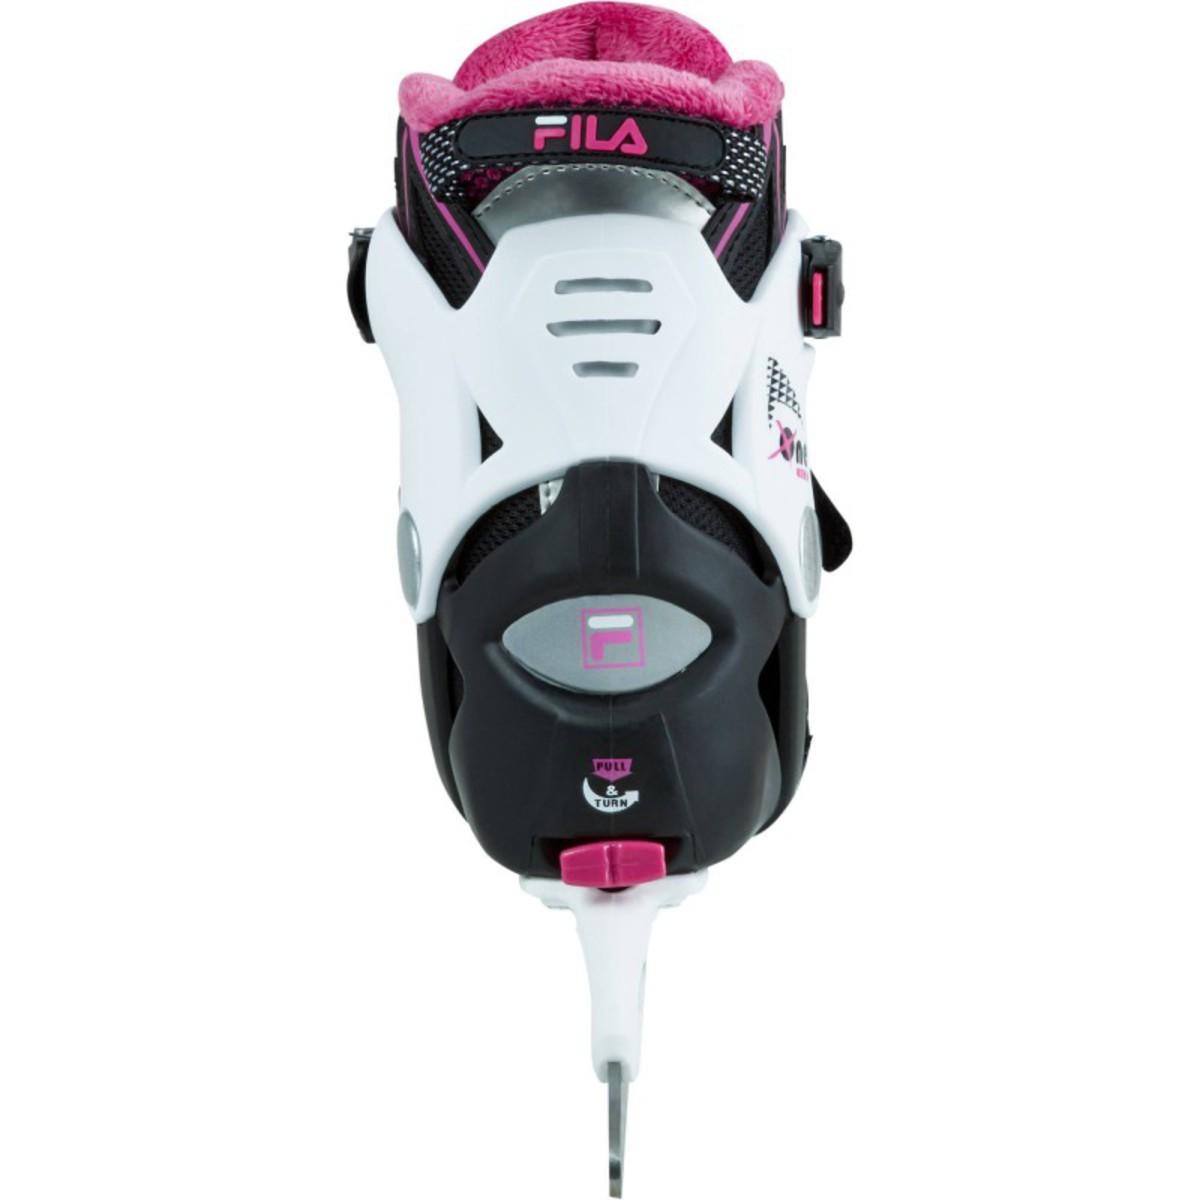 Bild 5 von FILA Schlittschuhe X-One Ice schwarz/magenta - Größen 29 bis 41, Größe: 29/30/31/32/32/33